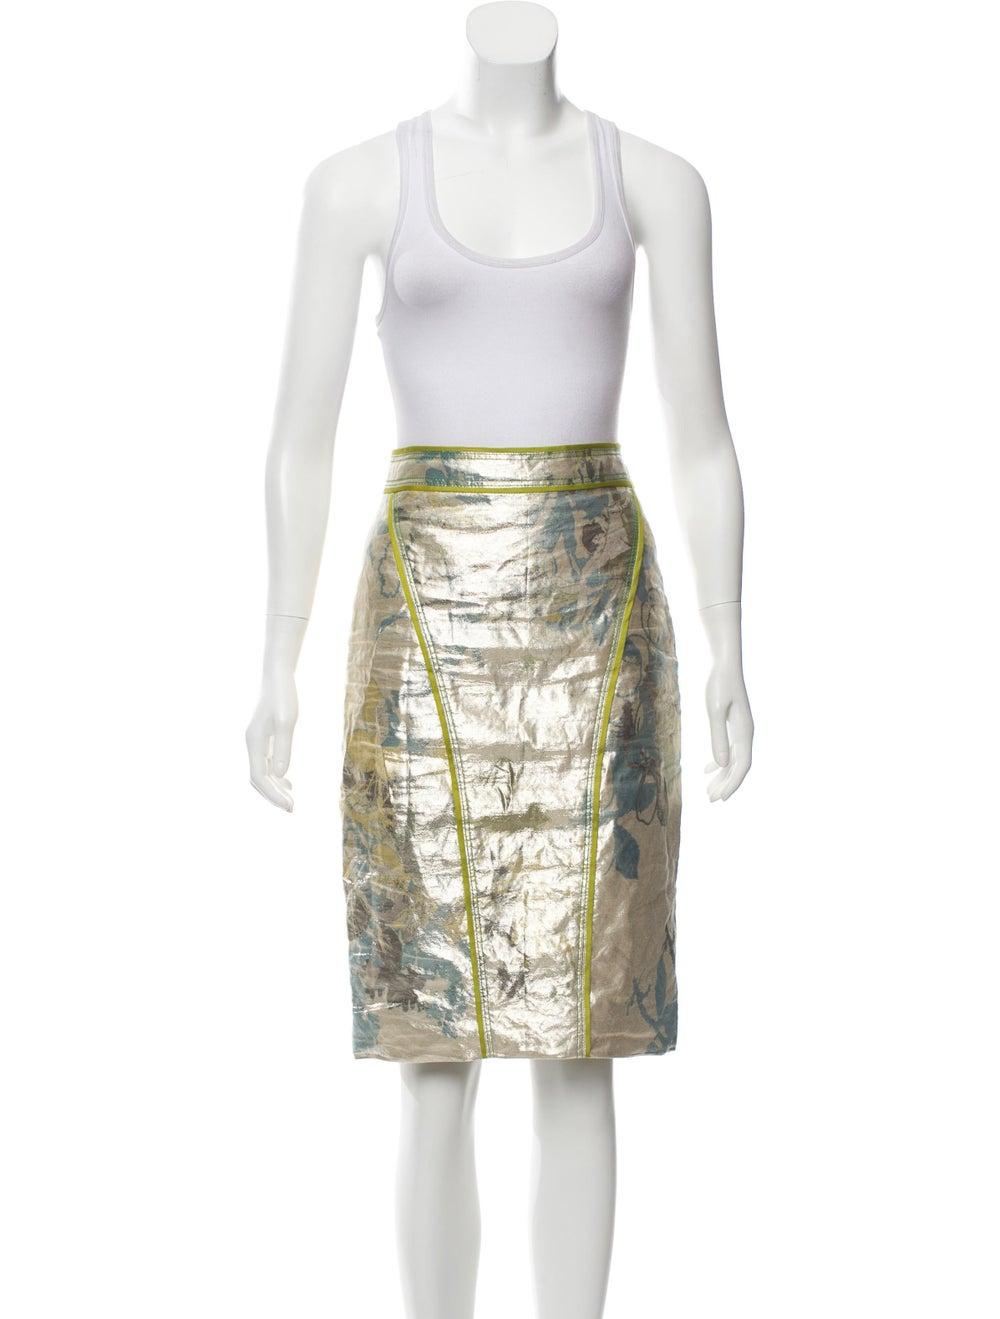 Zac Posen Metallic Knee-Length Skirt Set Metallic - image 4